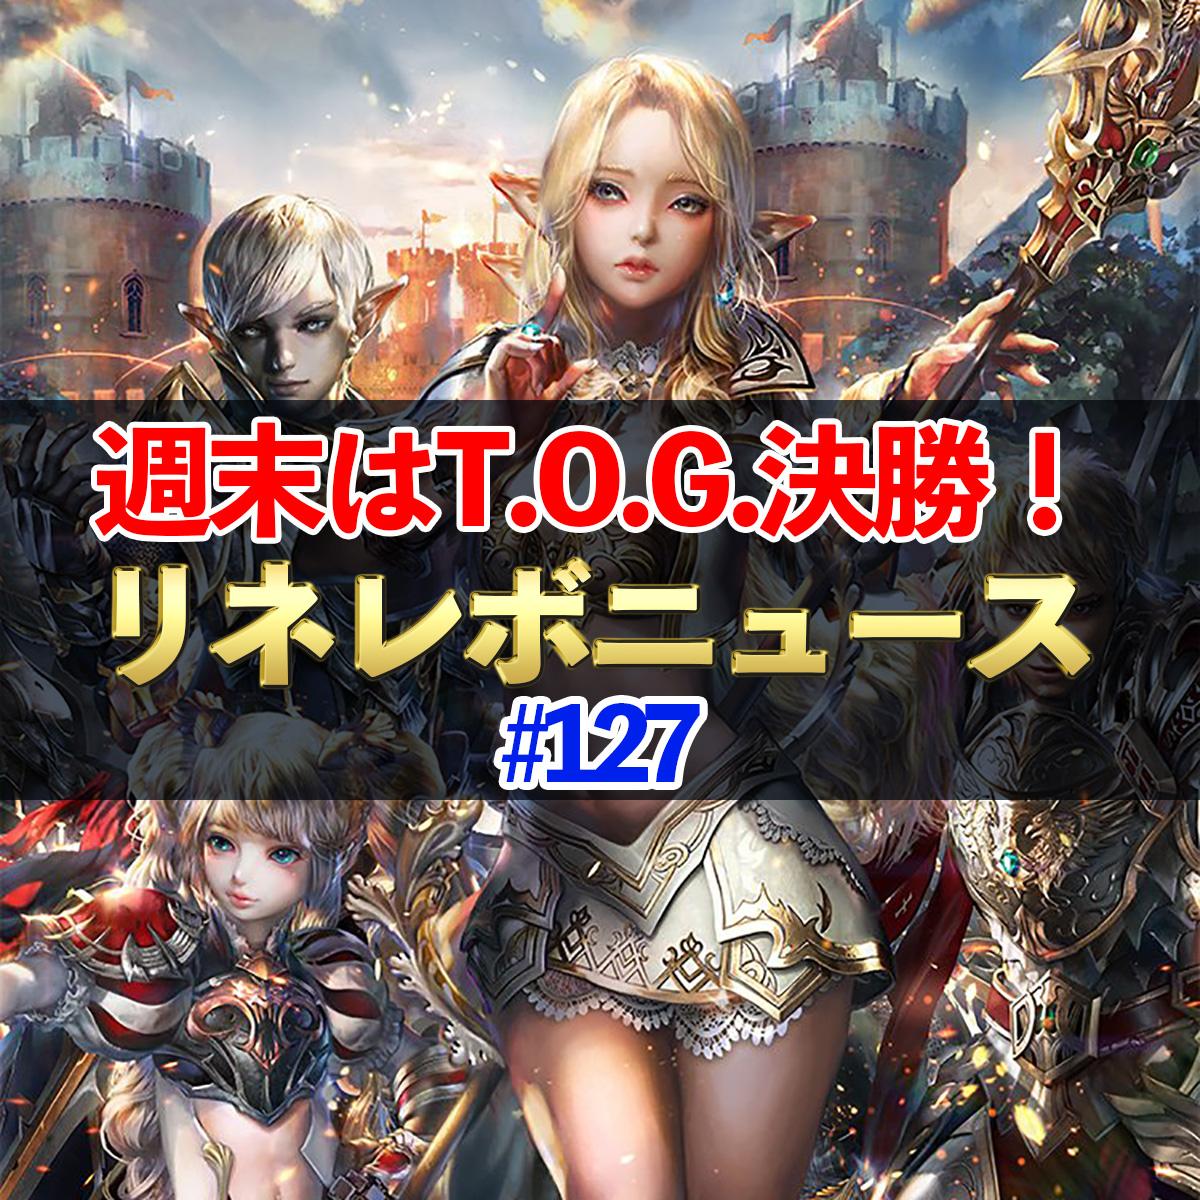 【リネレボ】週末はT.O.G.決勝!  リネレボニュース#127